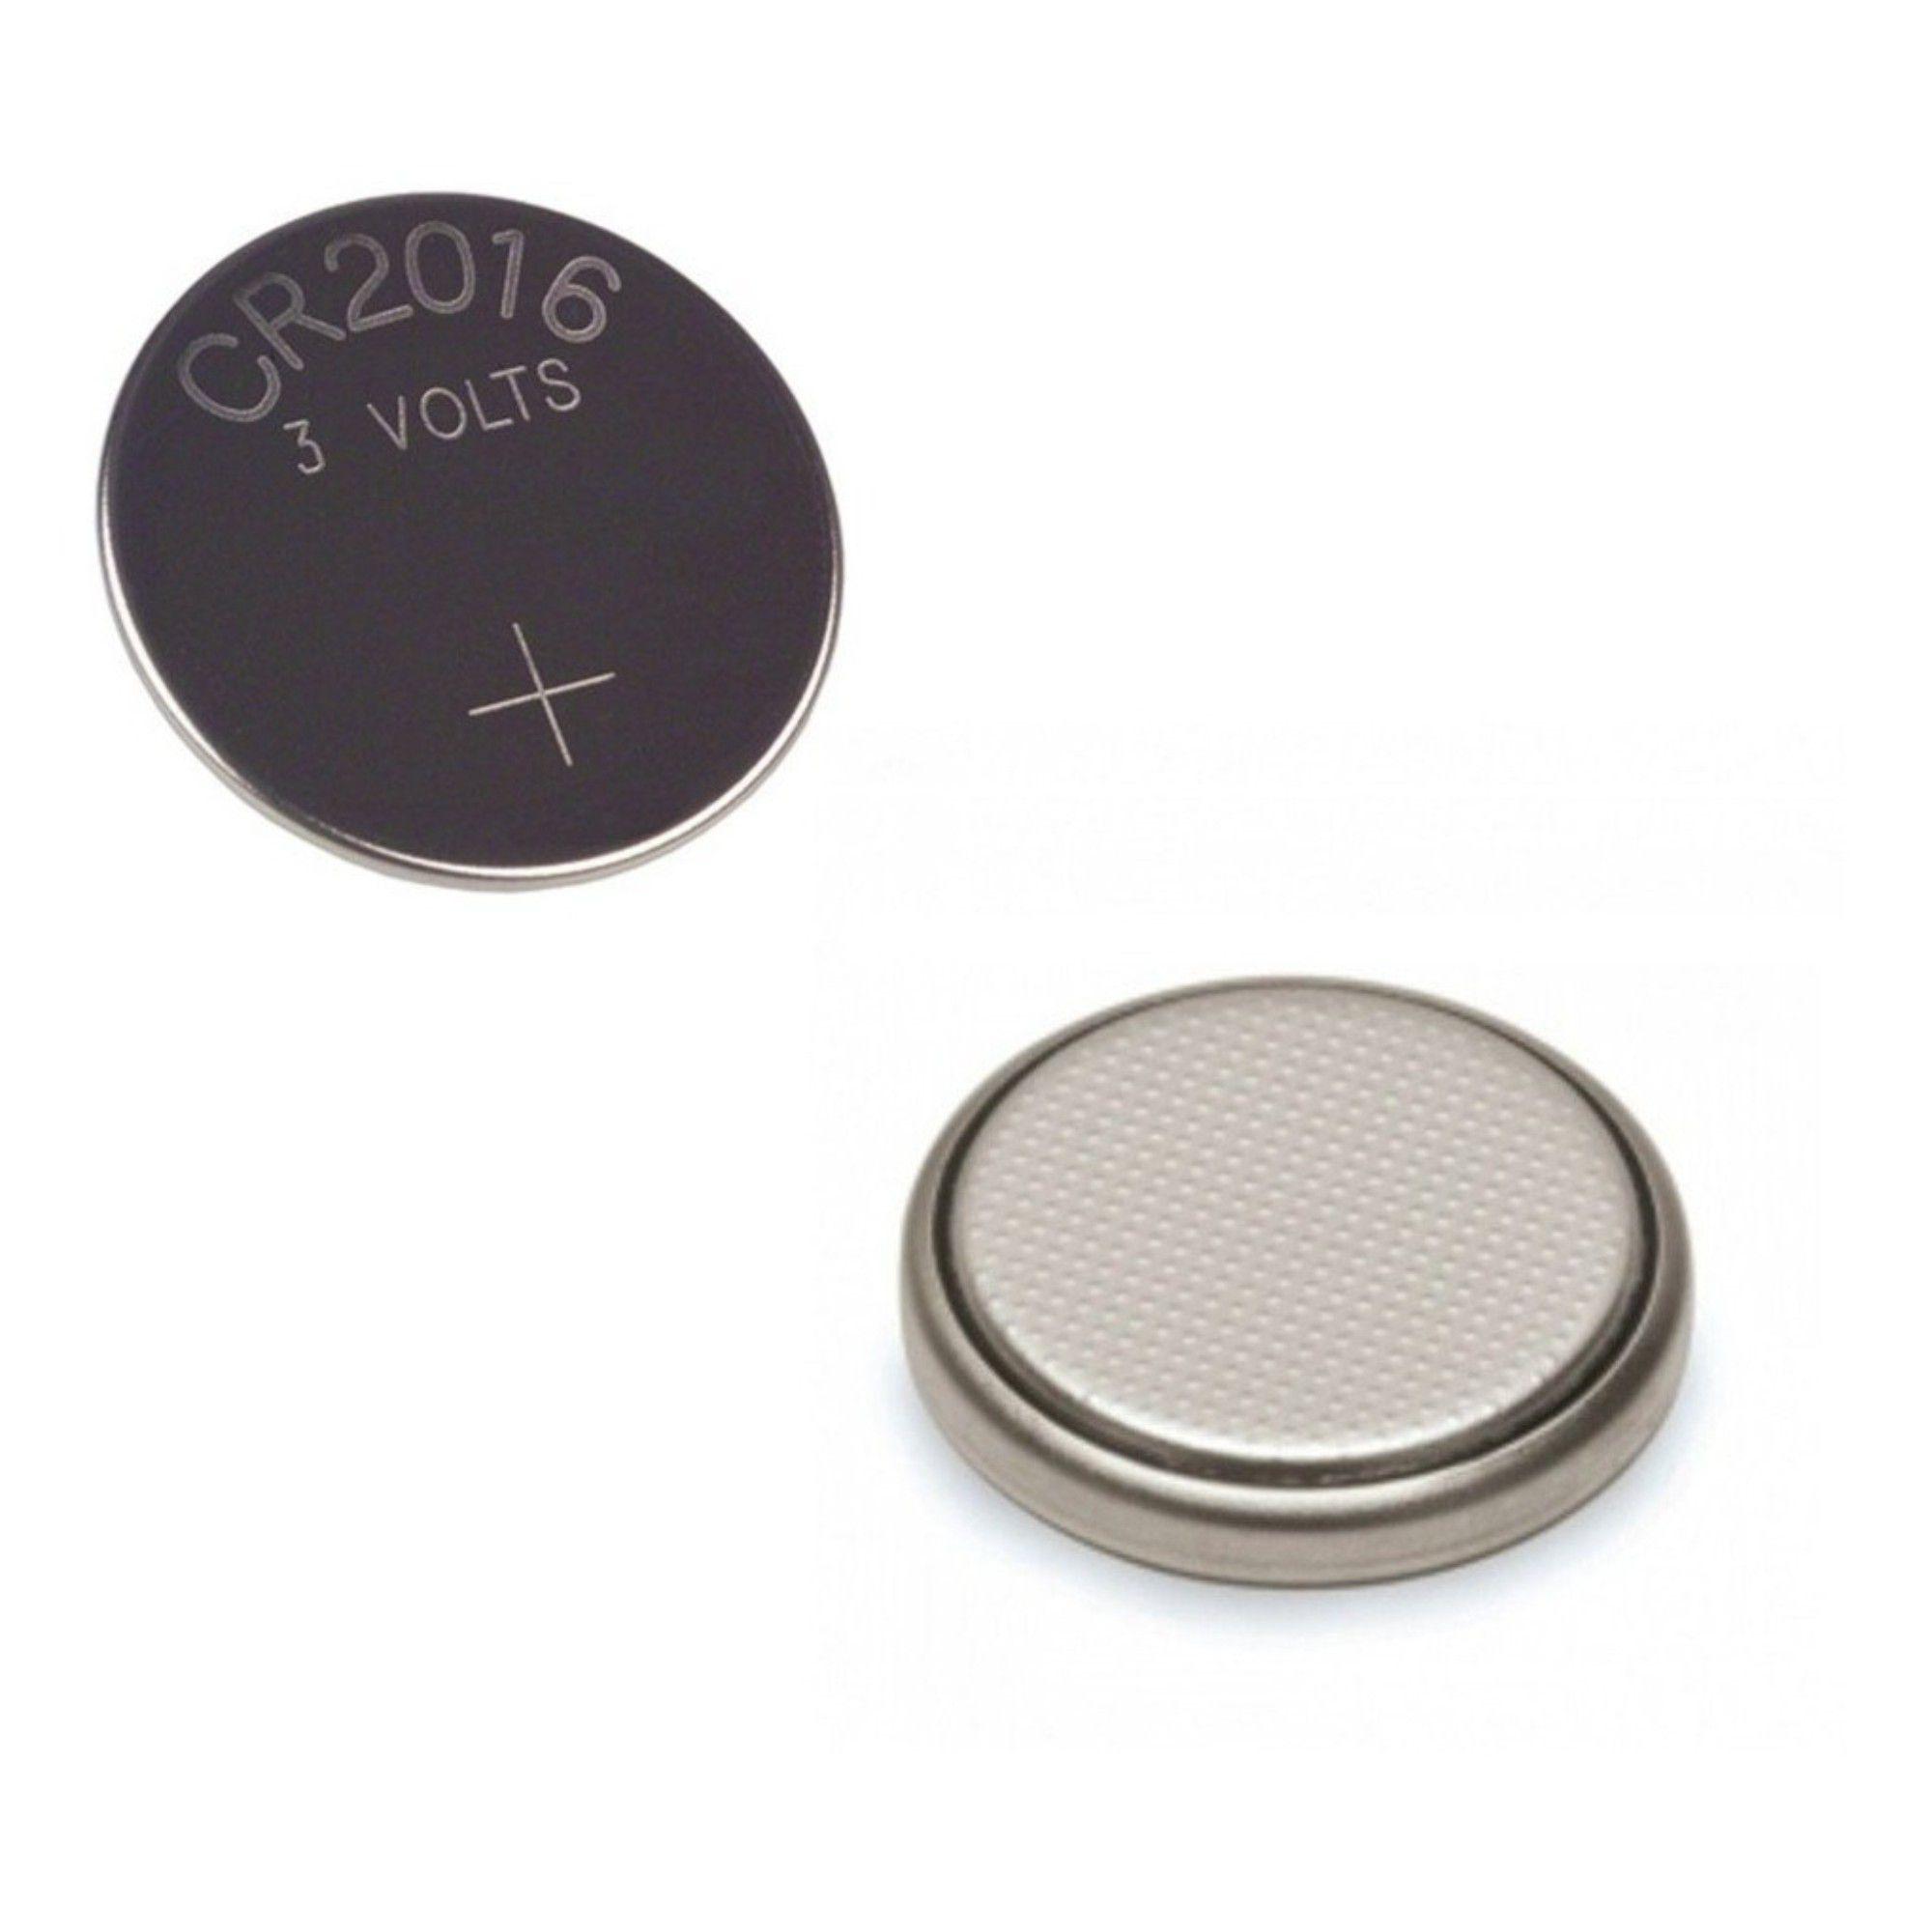 Bateria CR2016 P/ Controle Remoto e Placa Mãe C/ 2 Unidades